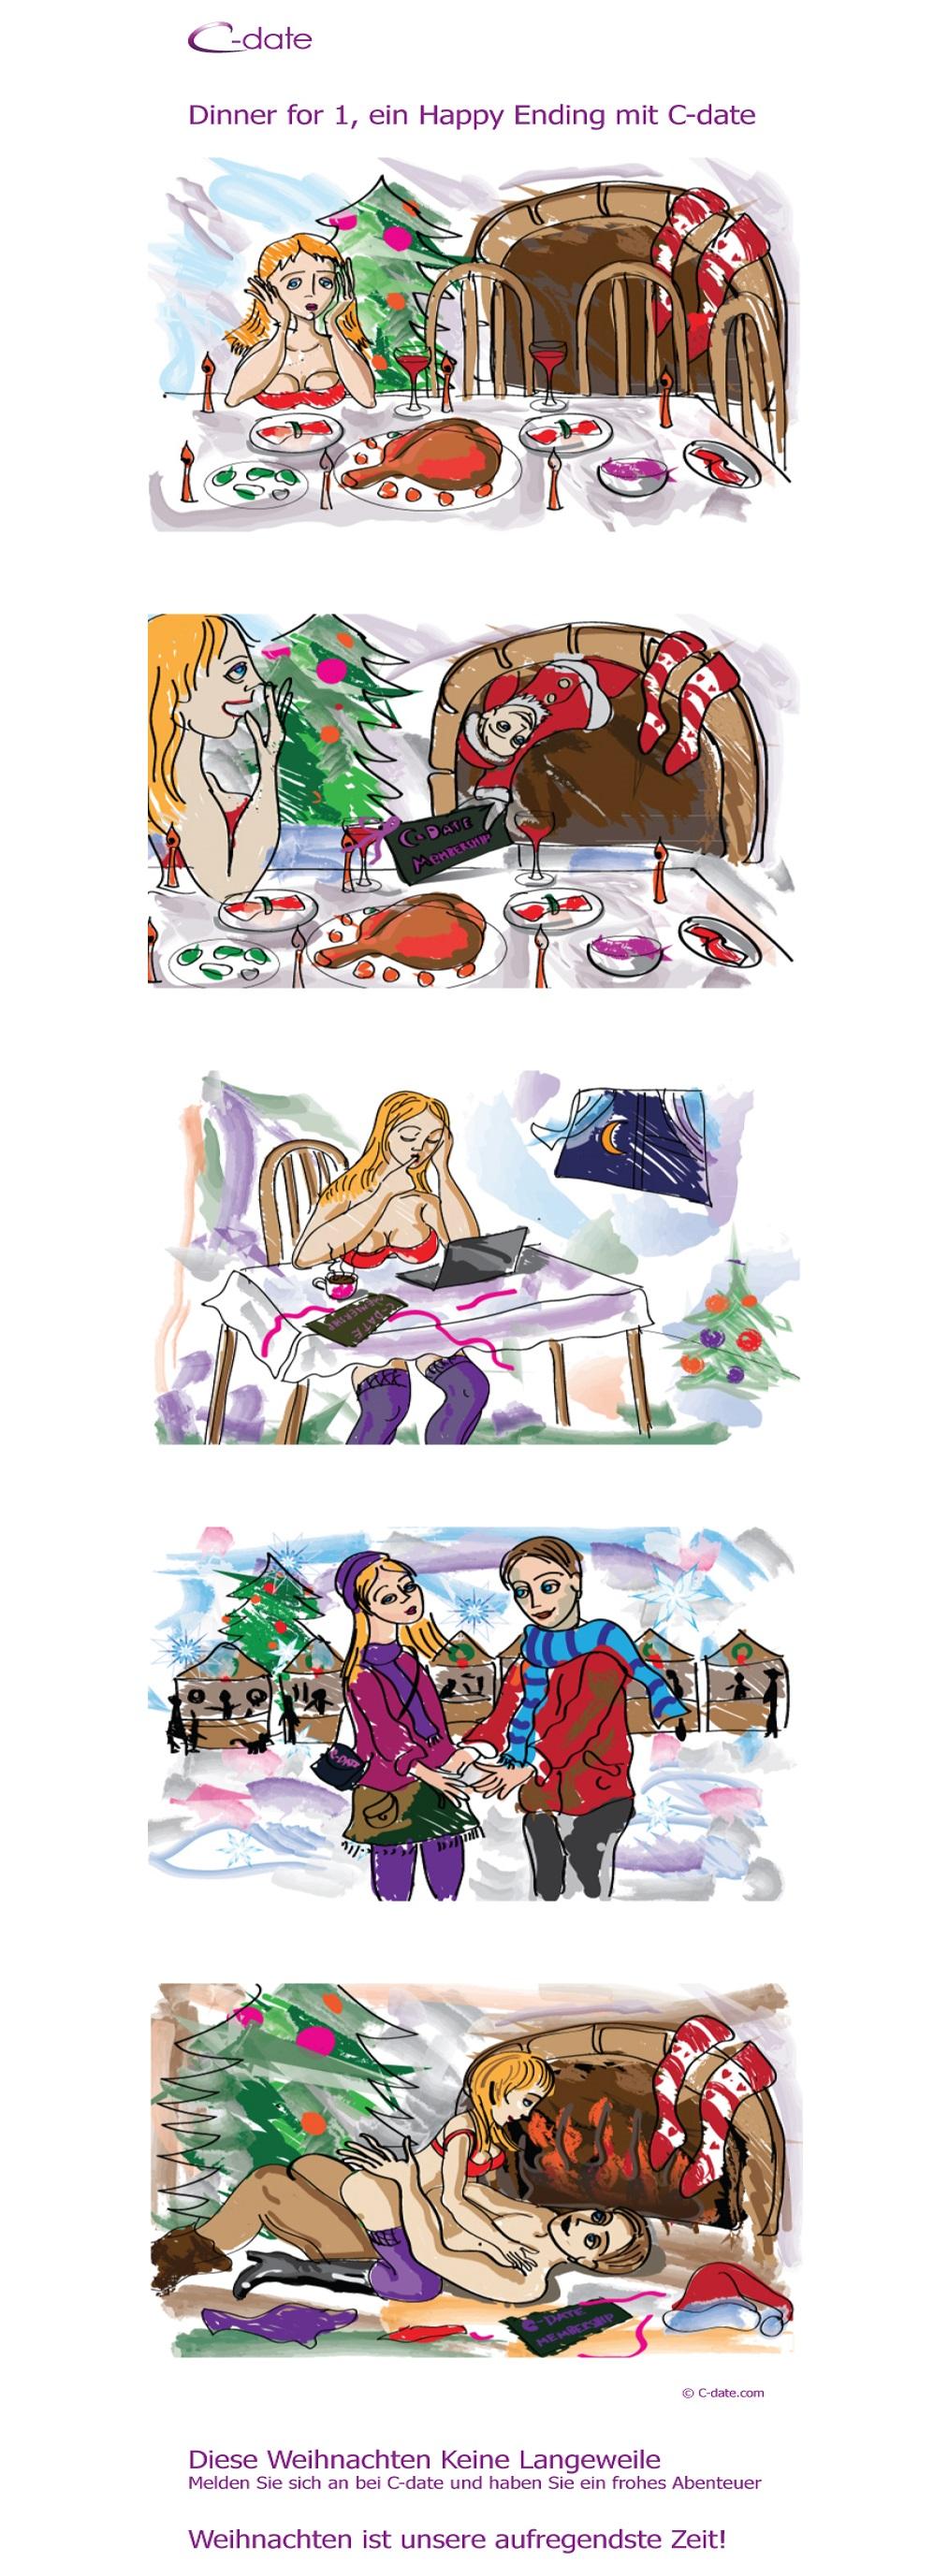 Brasilien-News.Net - Brasilien Infos & Brasilien Tipps | Was Frauen sich an Weihnachten und Neujahr wirklich wünschen